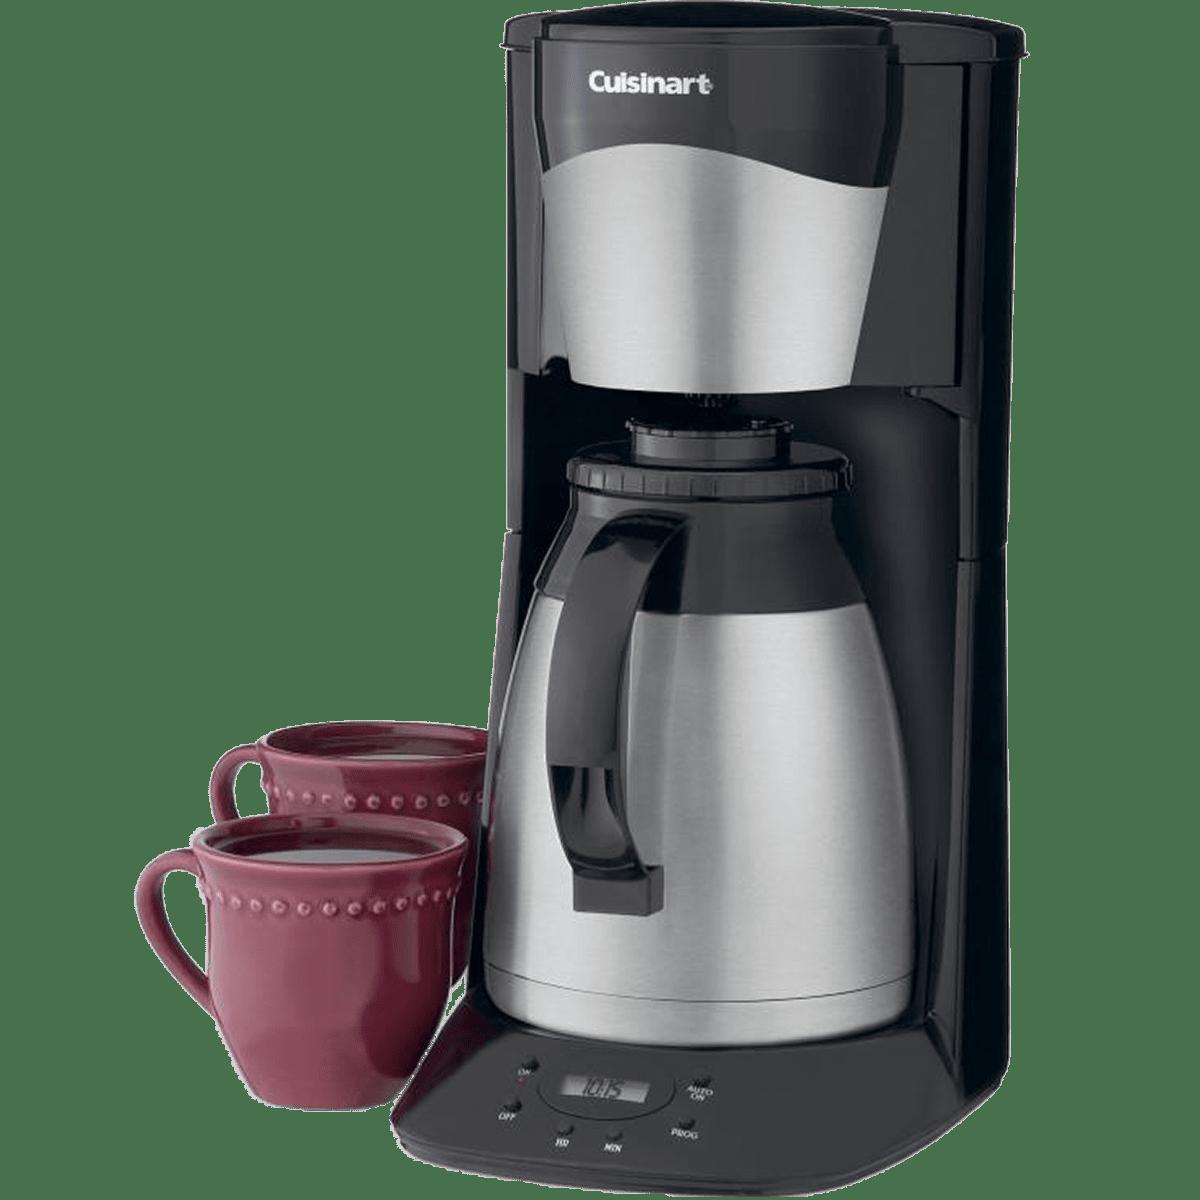 Cuisinart Coffee Maker Error 2 : Cuisinart Thermal Coffee Maker (DTC-975BKN) Quench Essentials